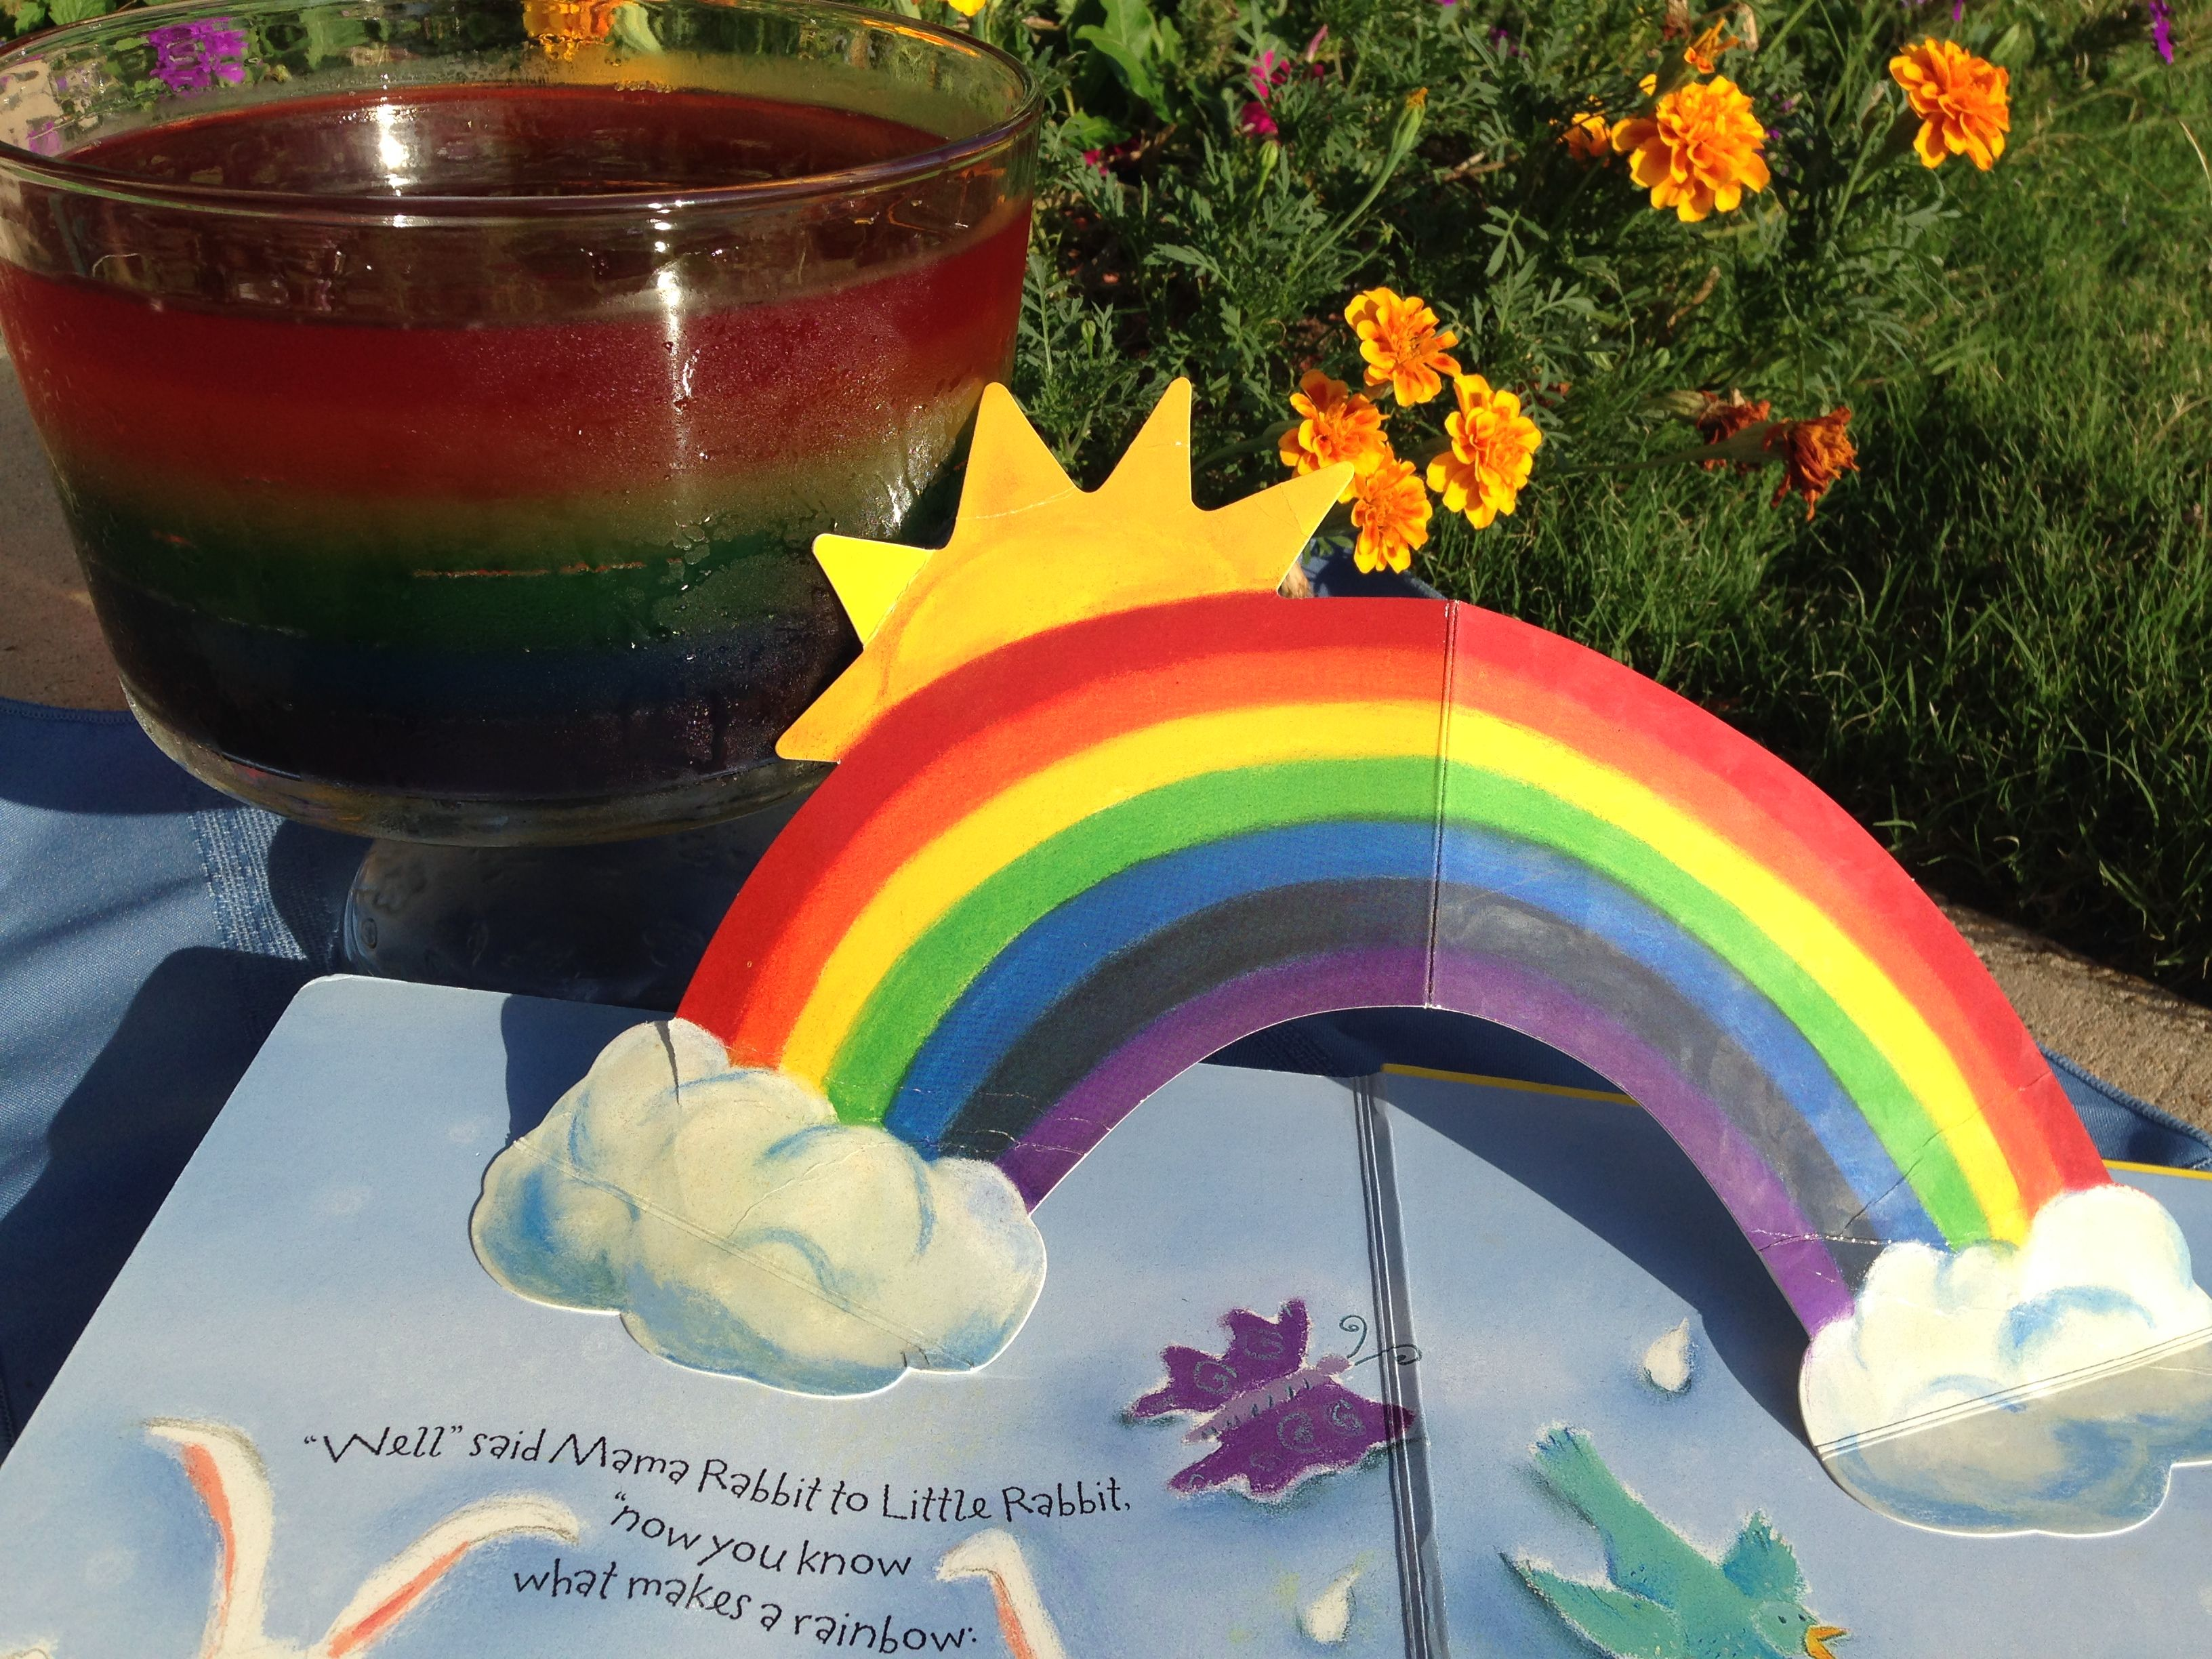 Kidsbook Friends Features What Make A Rainbow By Betty Ann Schwartz